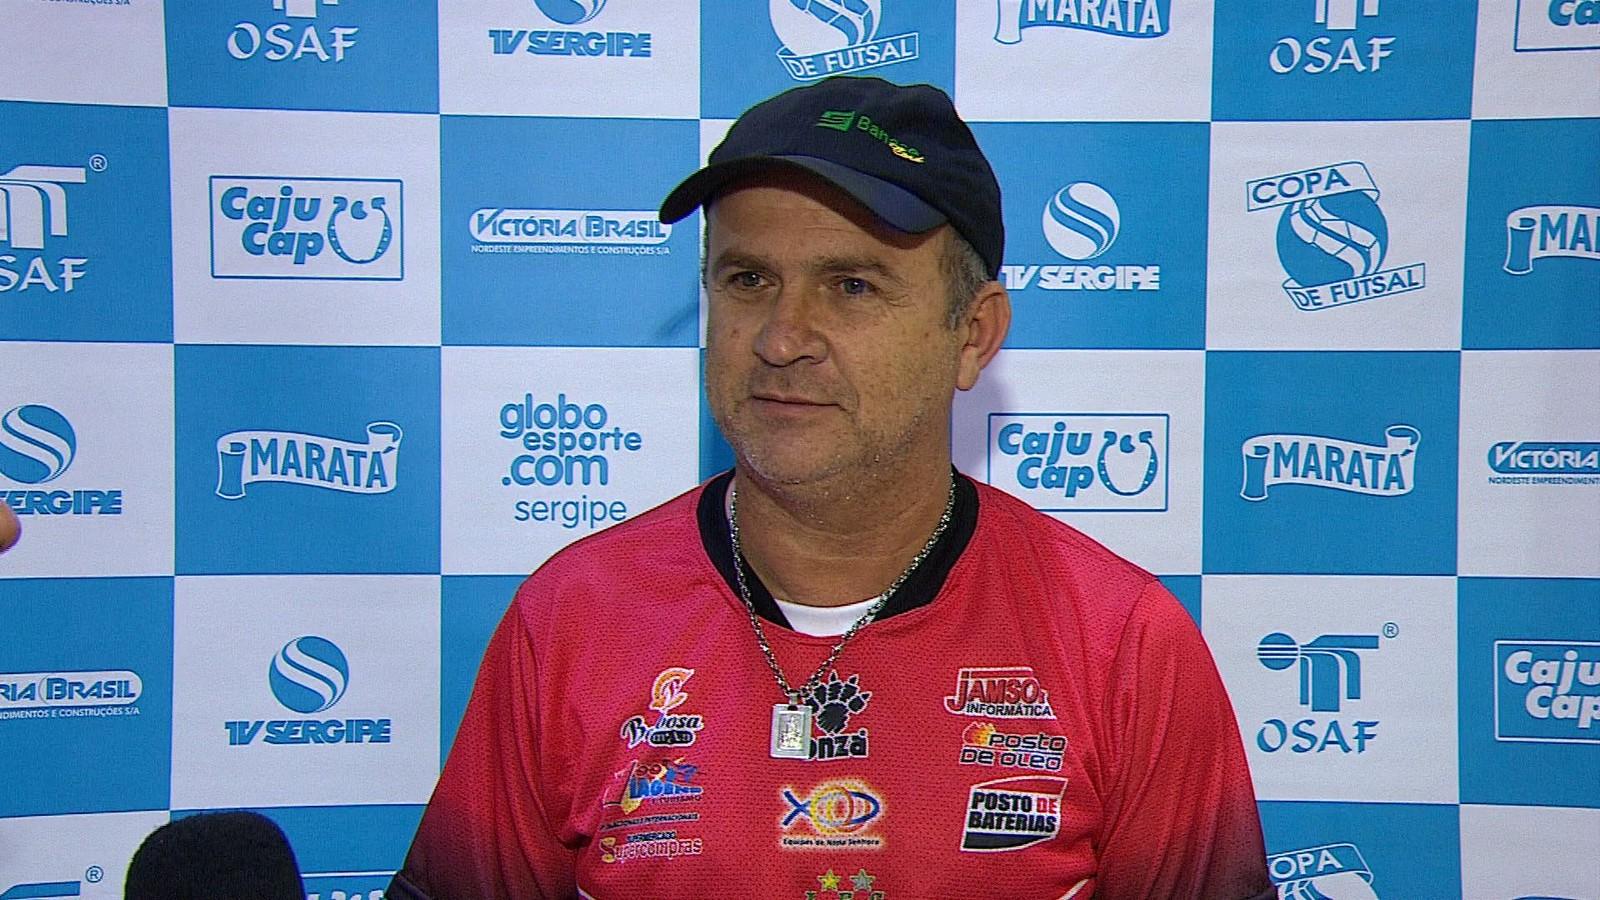 Galego; Copa TV Sergipe (Foto: Reprodução TV Sergipe)